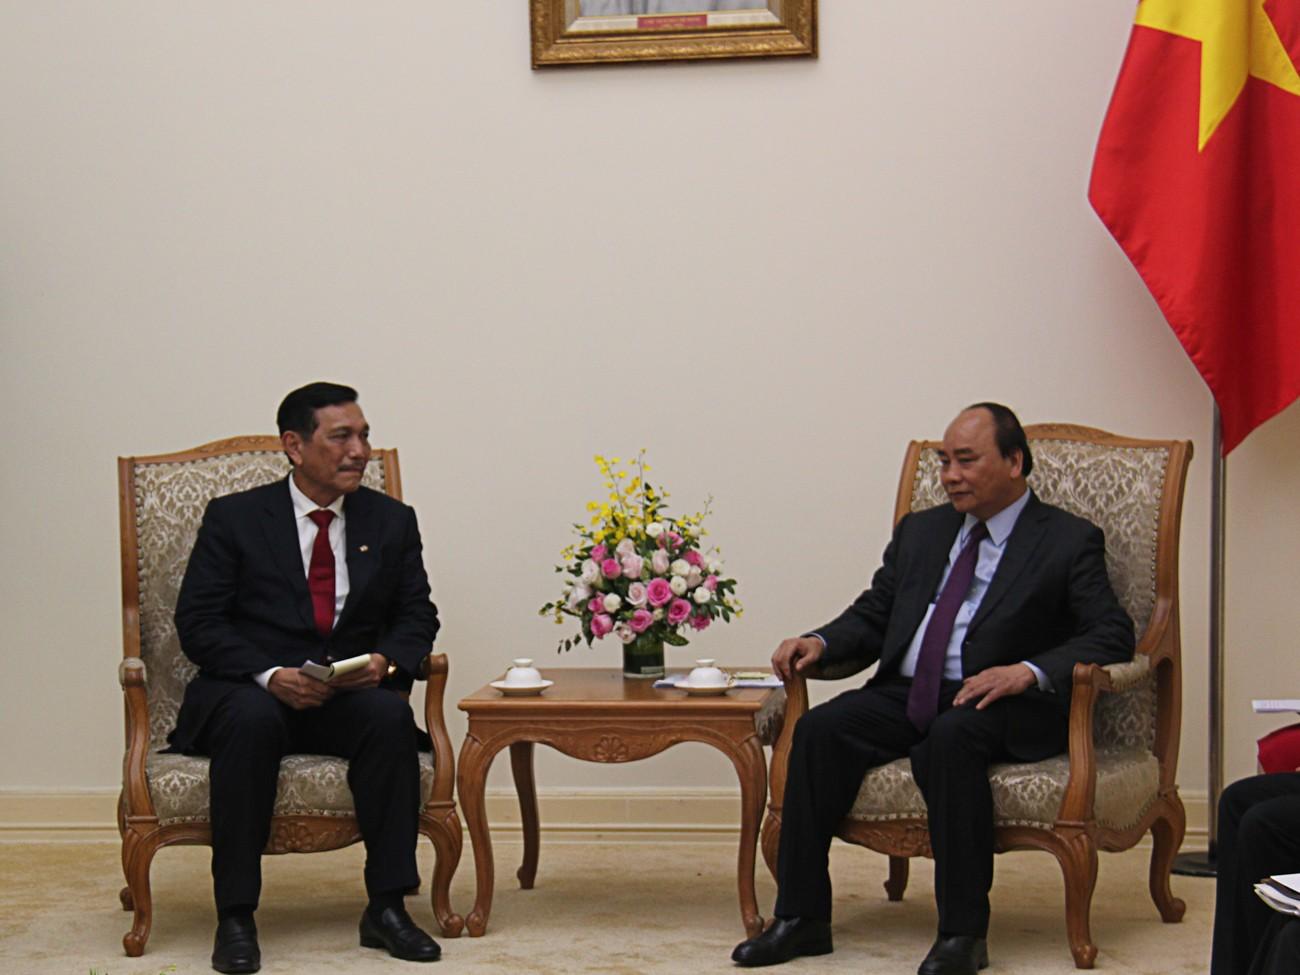 Jokowi invites Vietnamese PM to ASEAN gathering